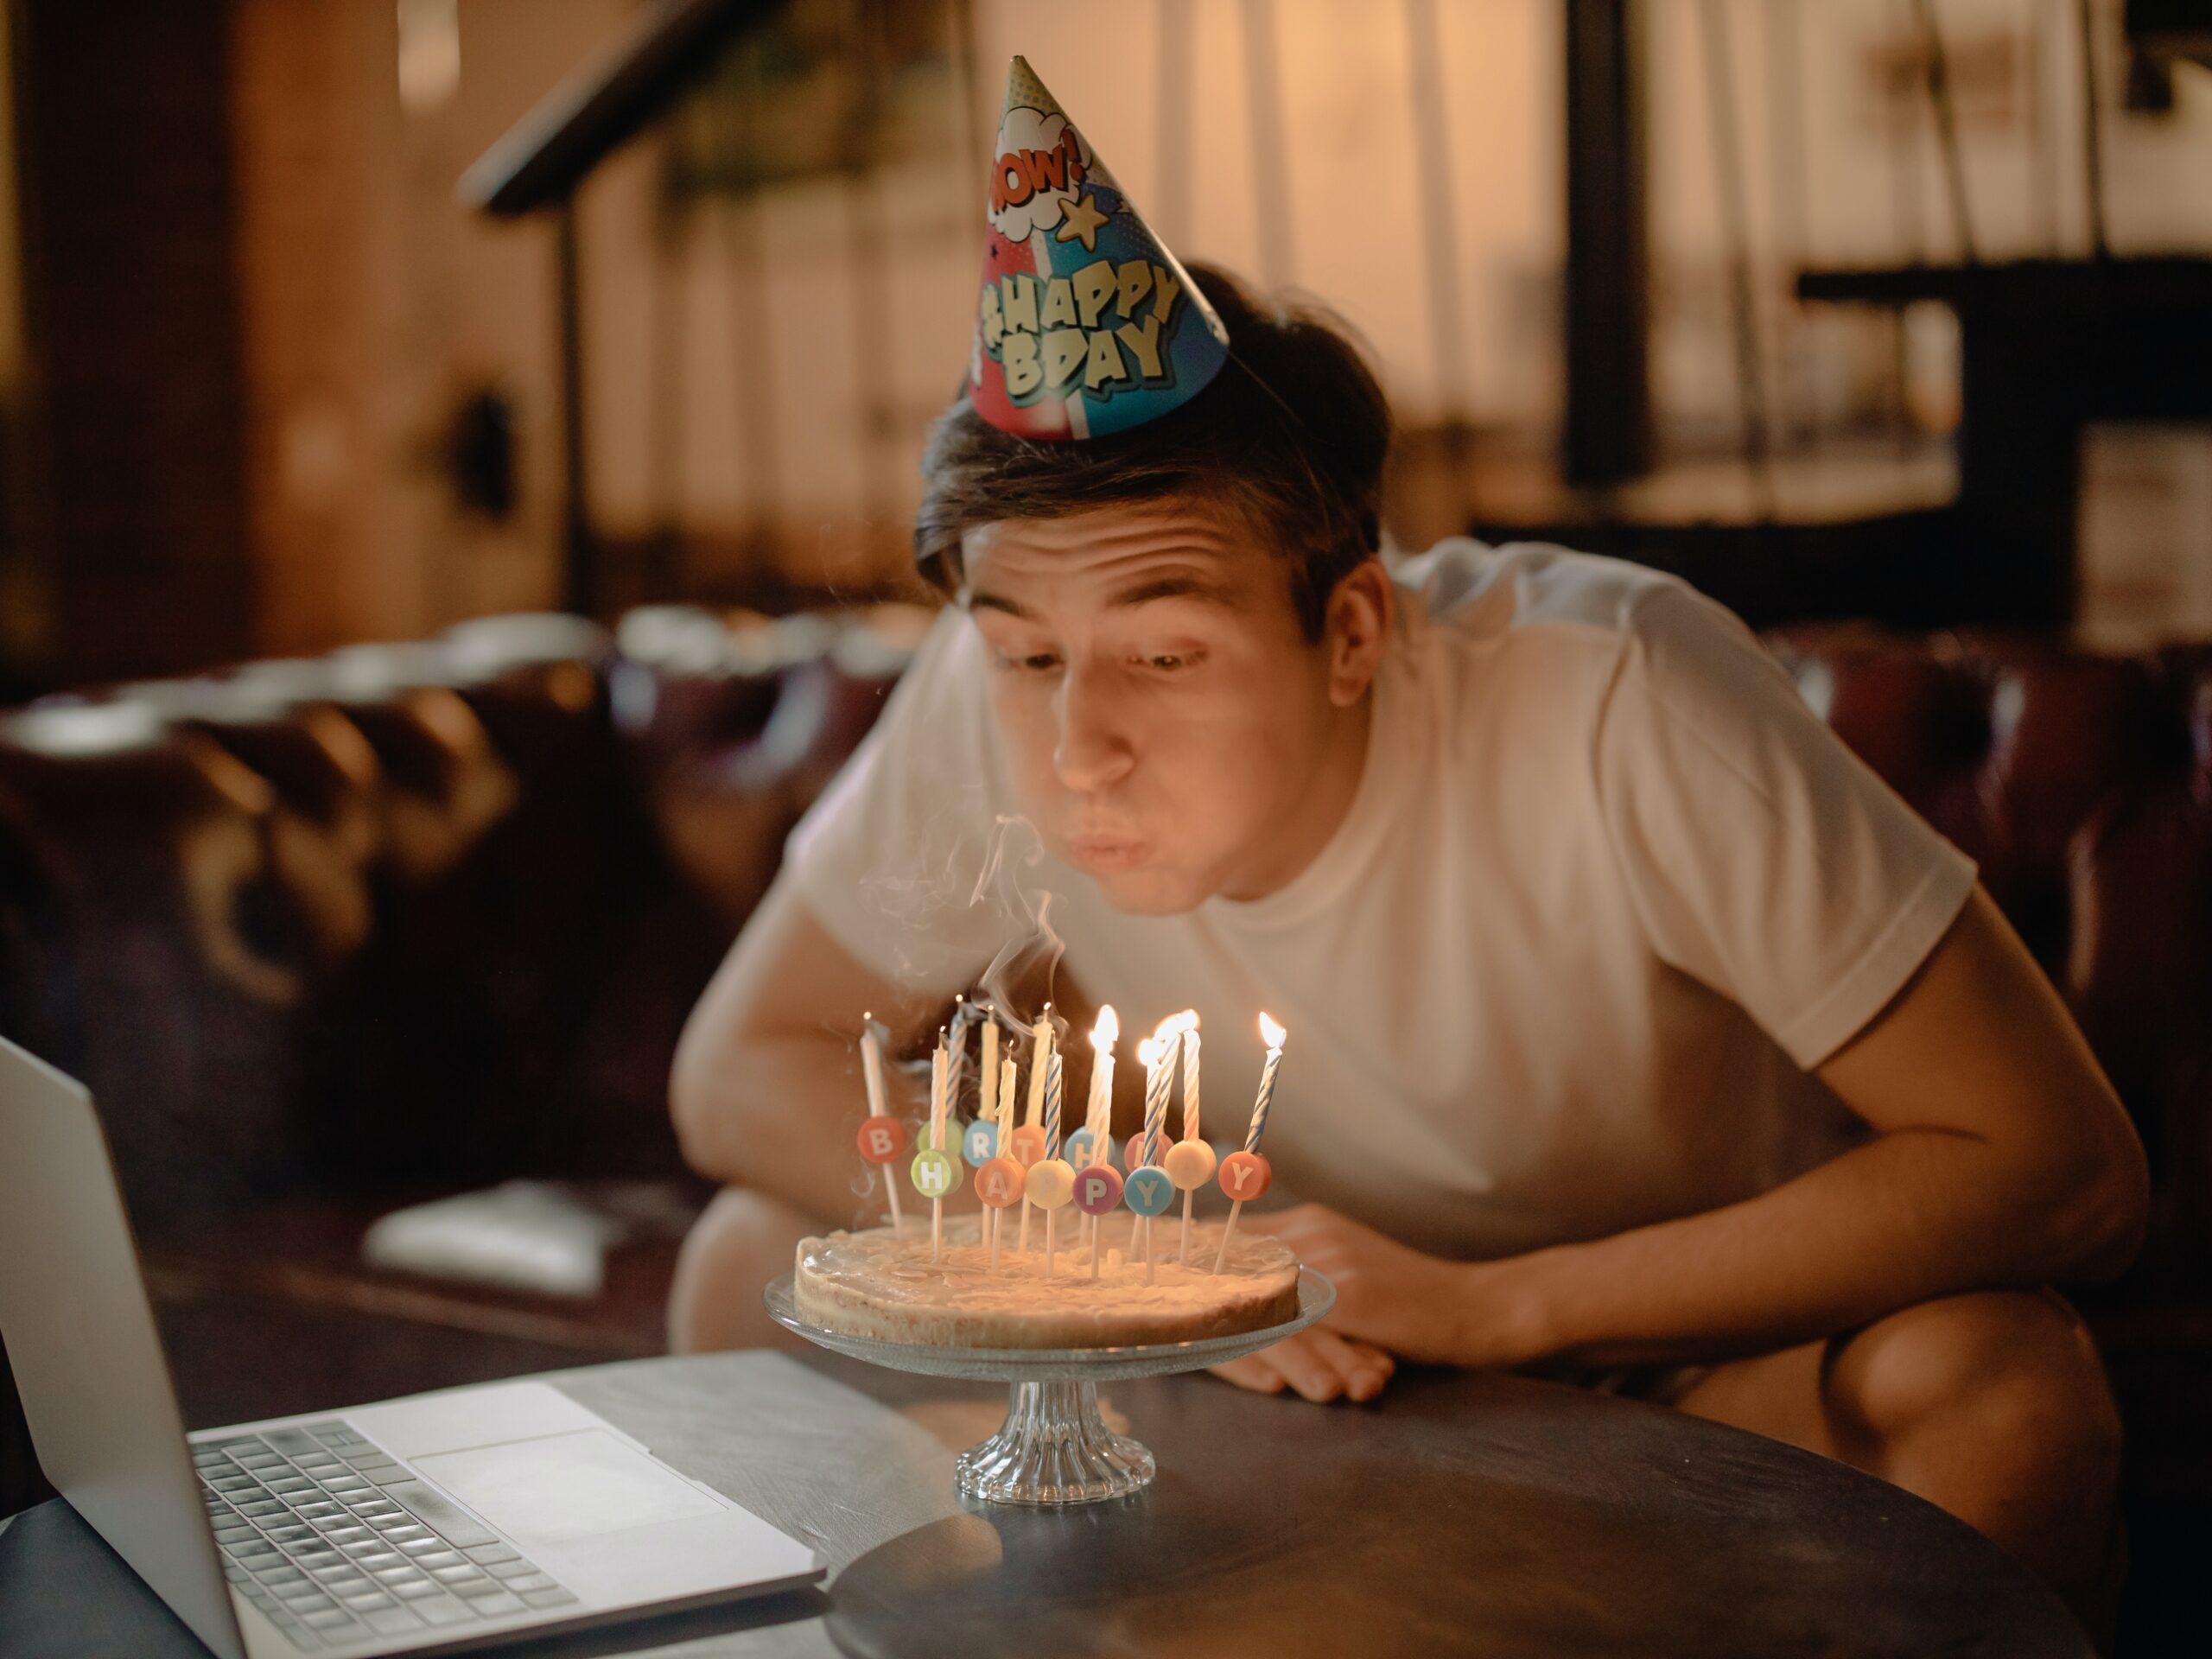 独身男が一人で誕生日を祝っている画像